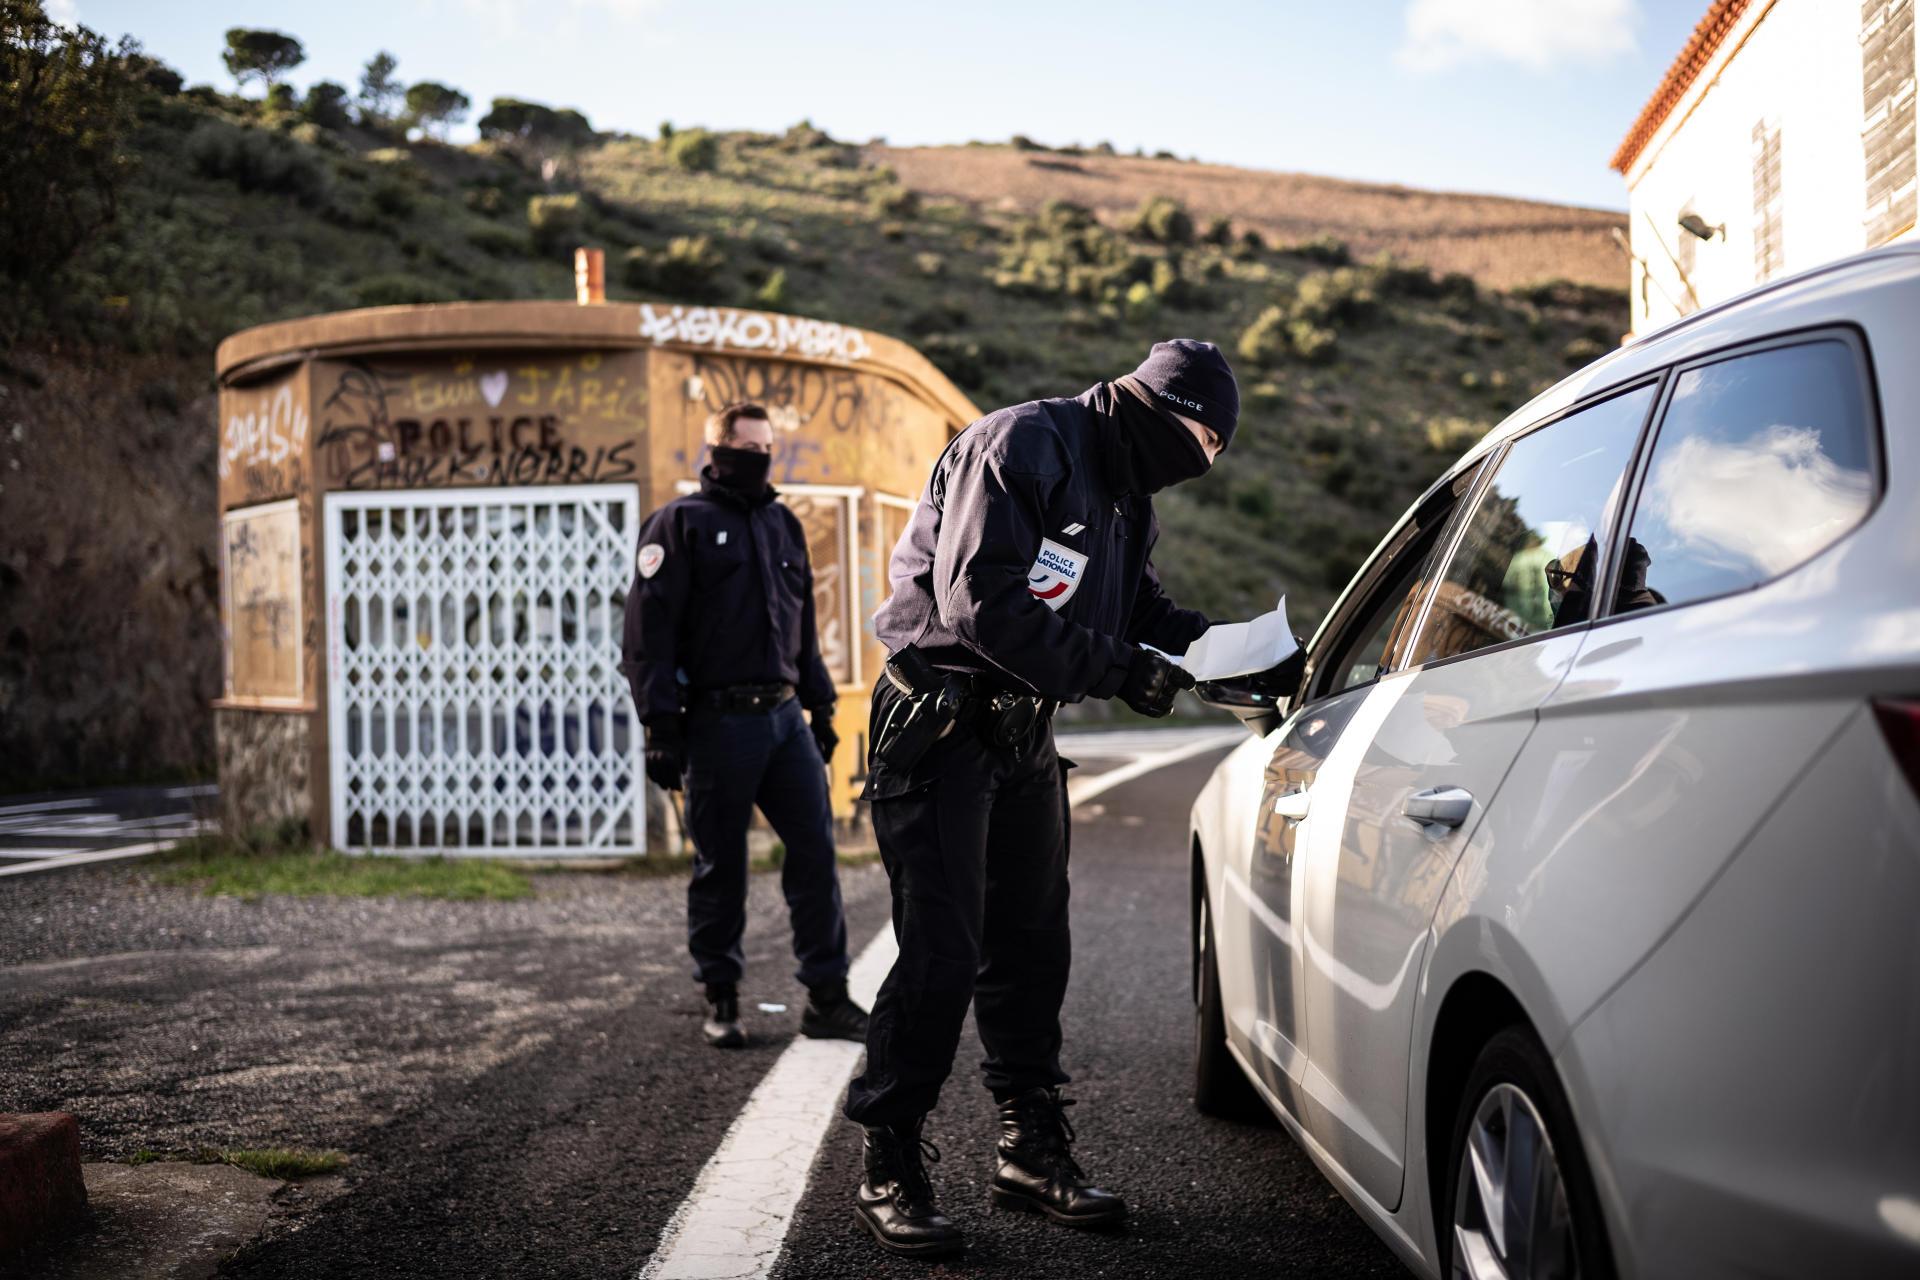 La police aux frontières contrôlant les véhicules traversant la frontière franco-espagnole, à Cerbère (Pyrénées-Orientales), le 15 janvier.